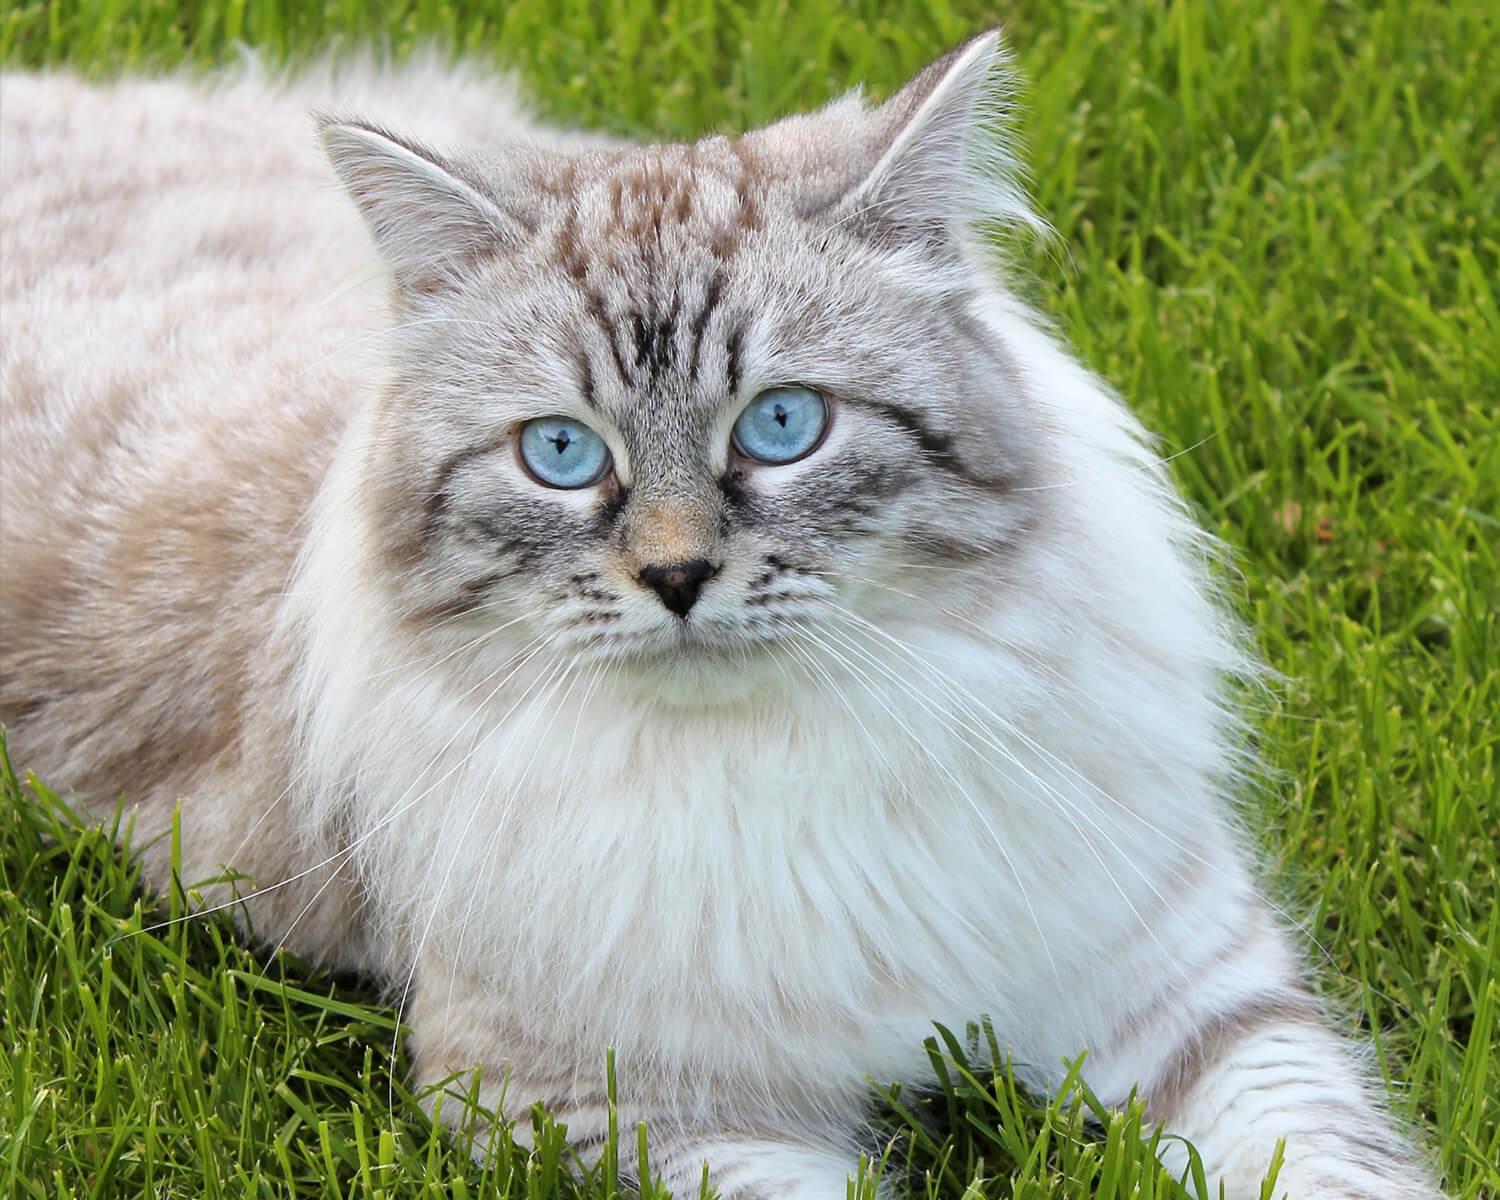 порода кошек сибирская маскарадная фото скромничает балует